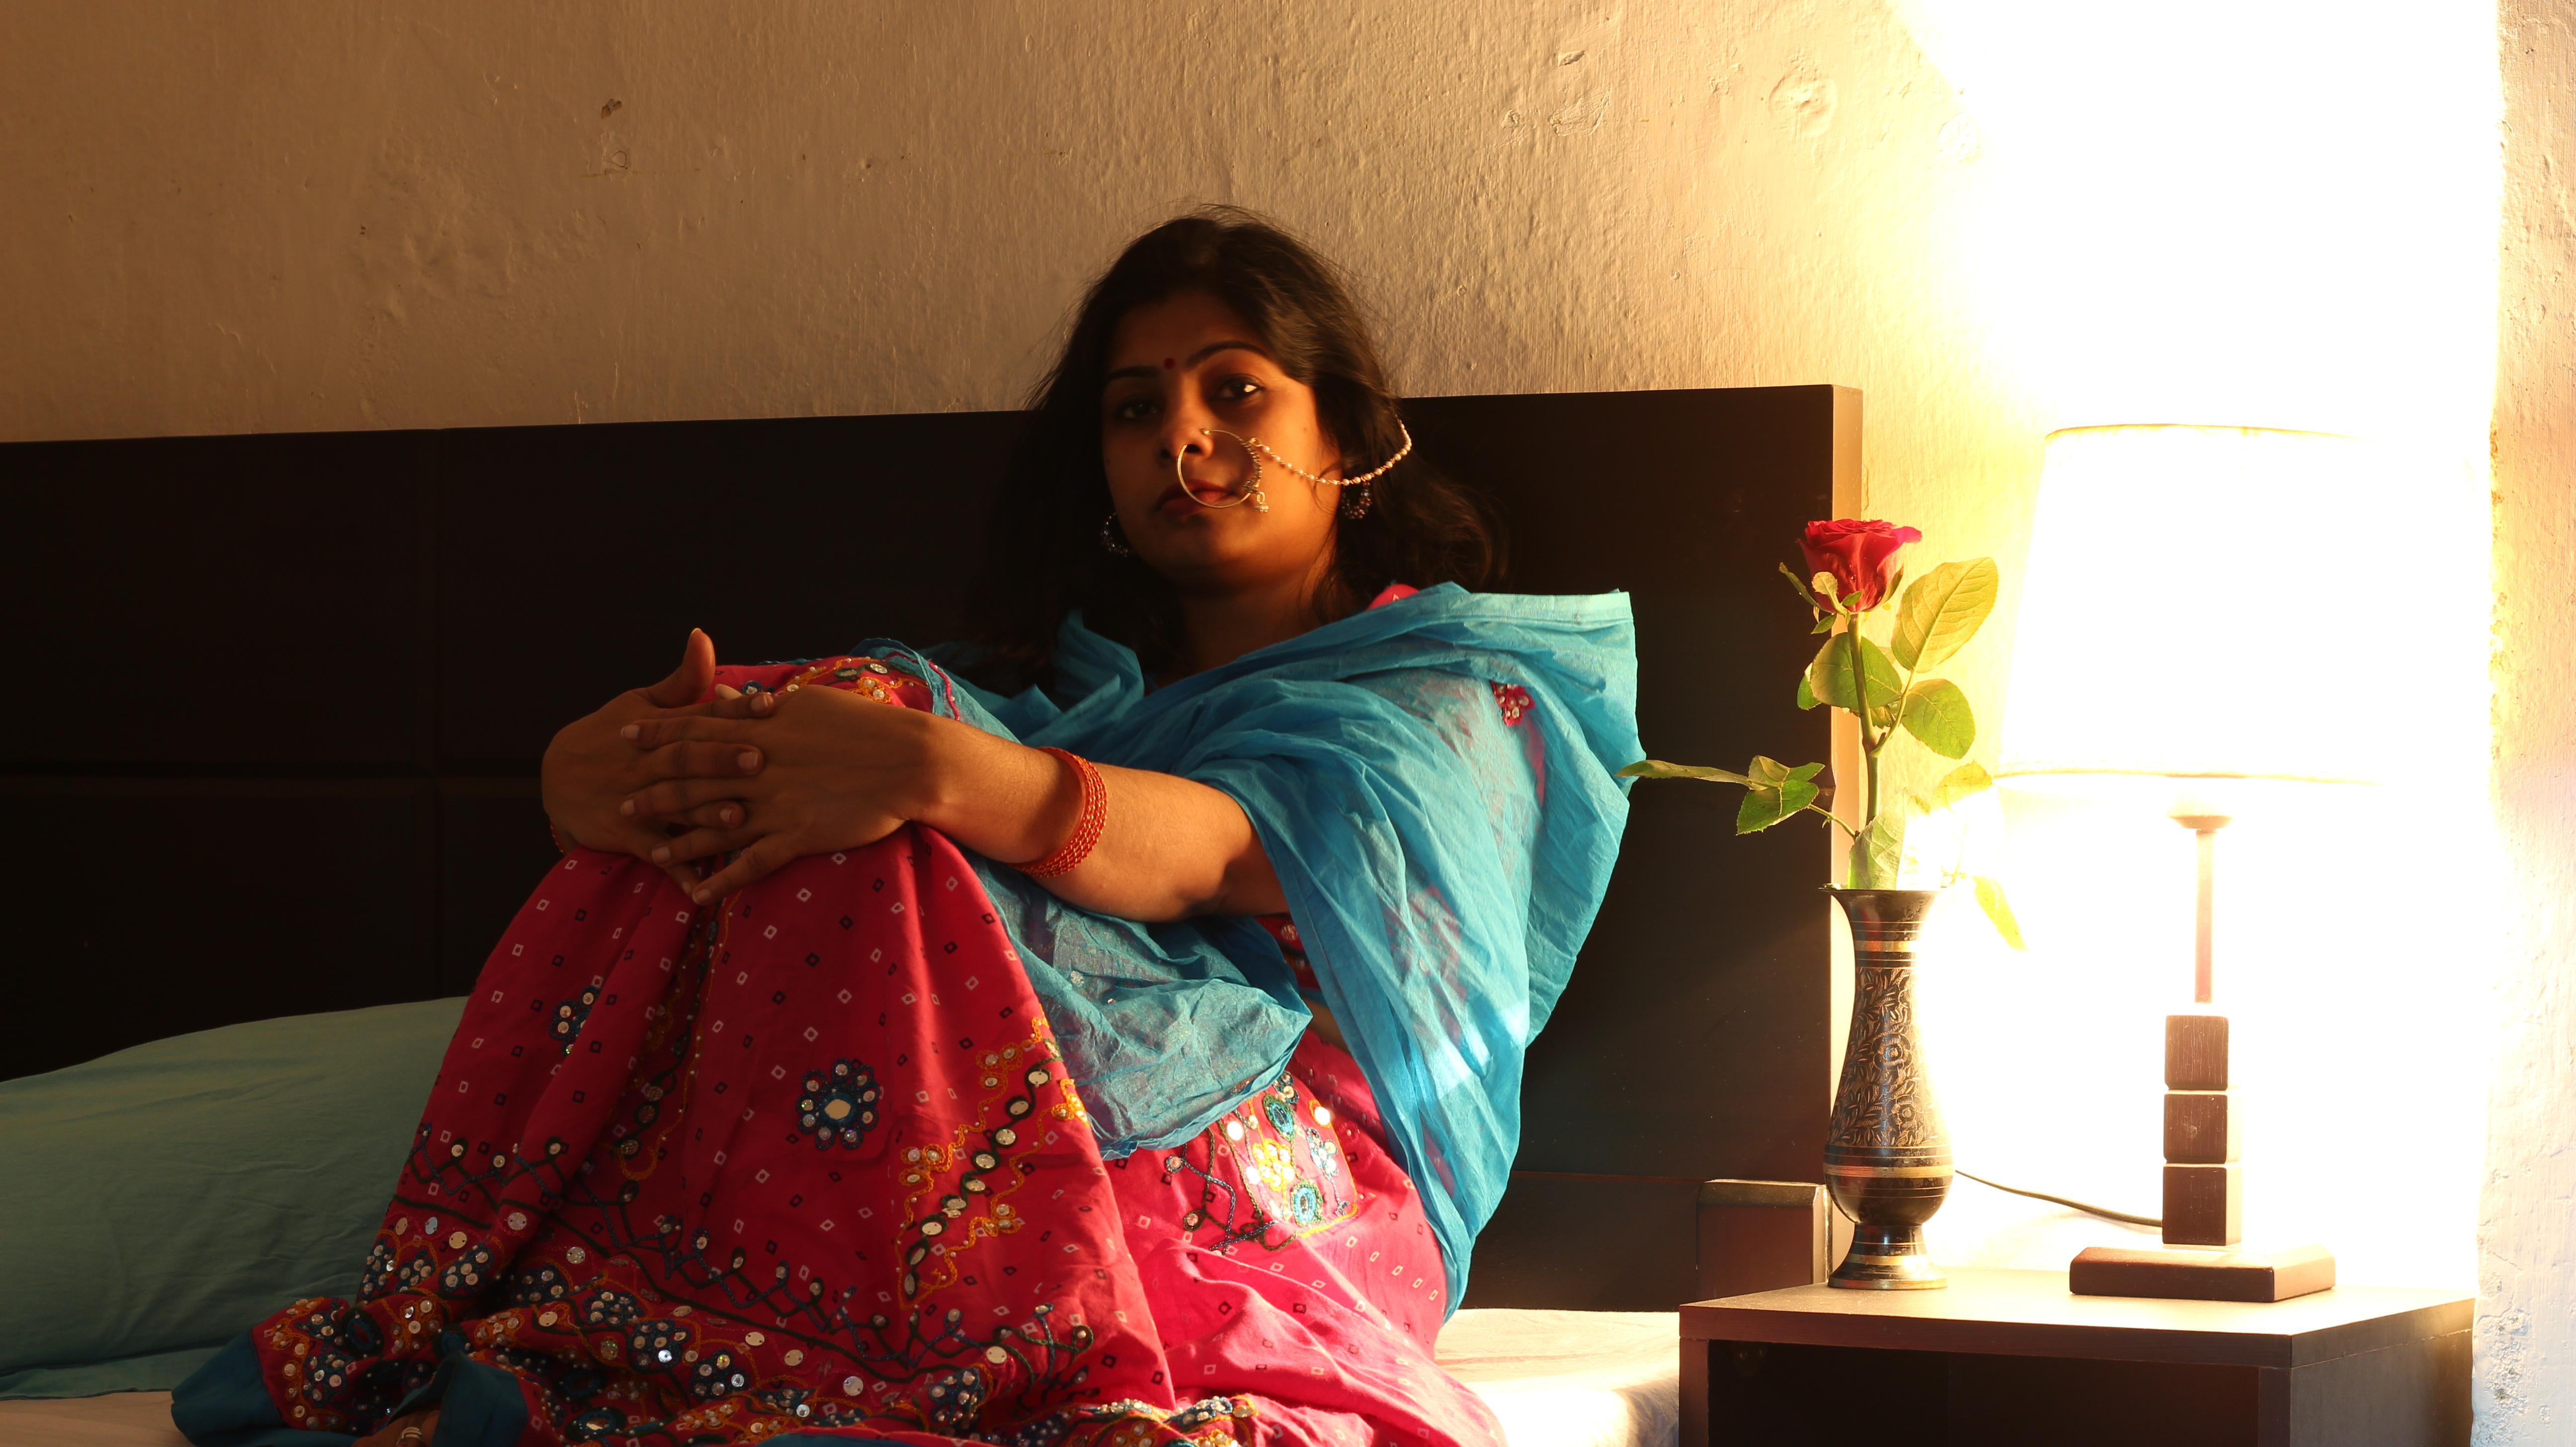 Free Images  Woman, Girl, Patna Actress, Patna Theatre -3503